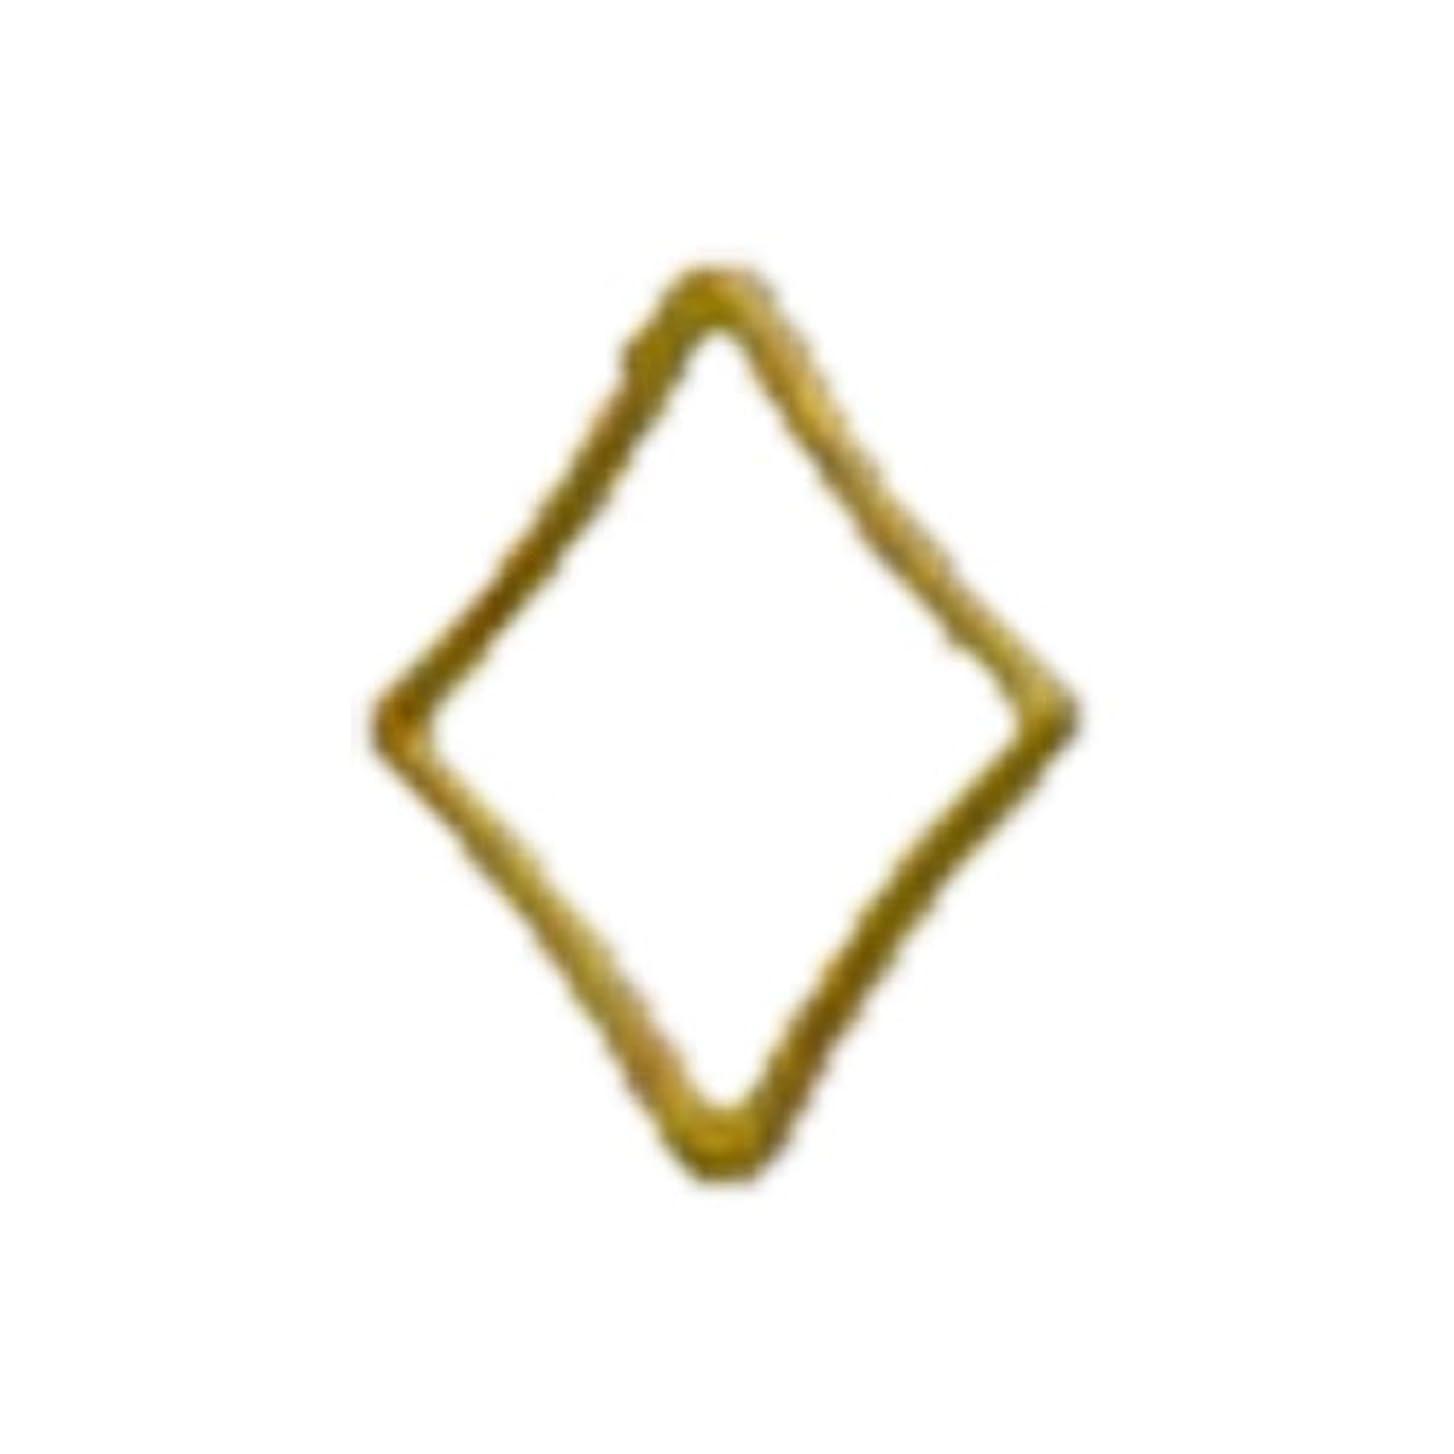 退屈させるセンター豊富リトルプリティー ネイルアートパーツ キラキラ 3S ゴールド 20個